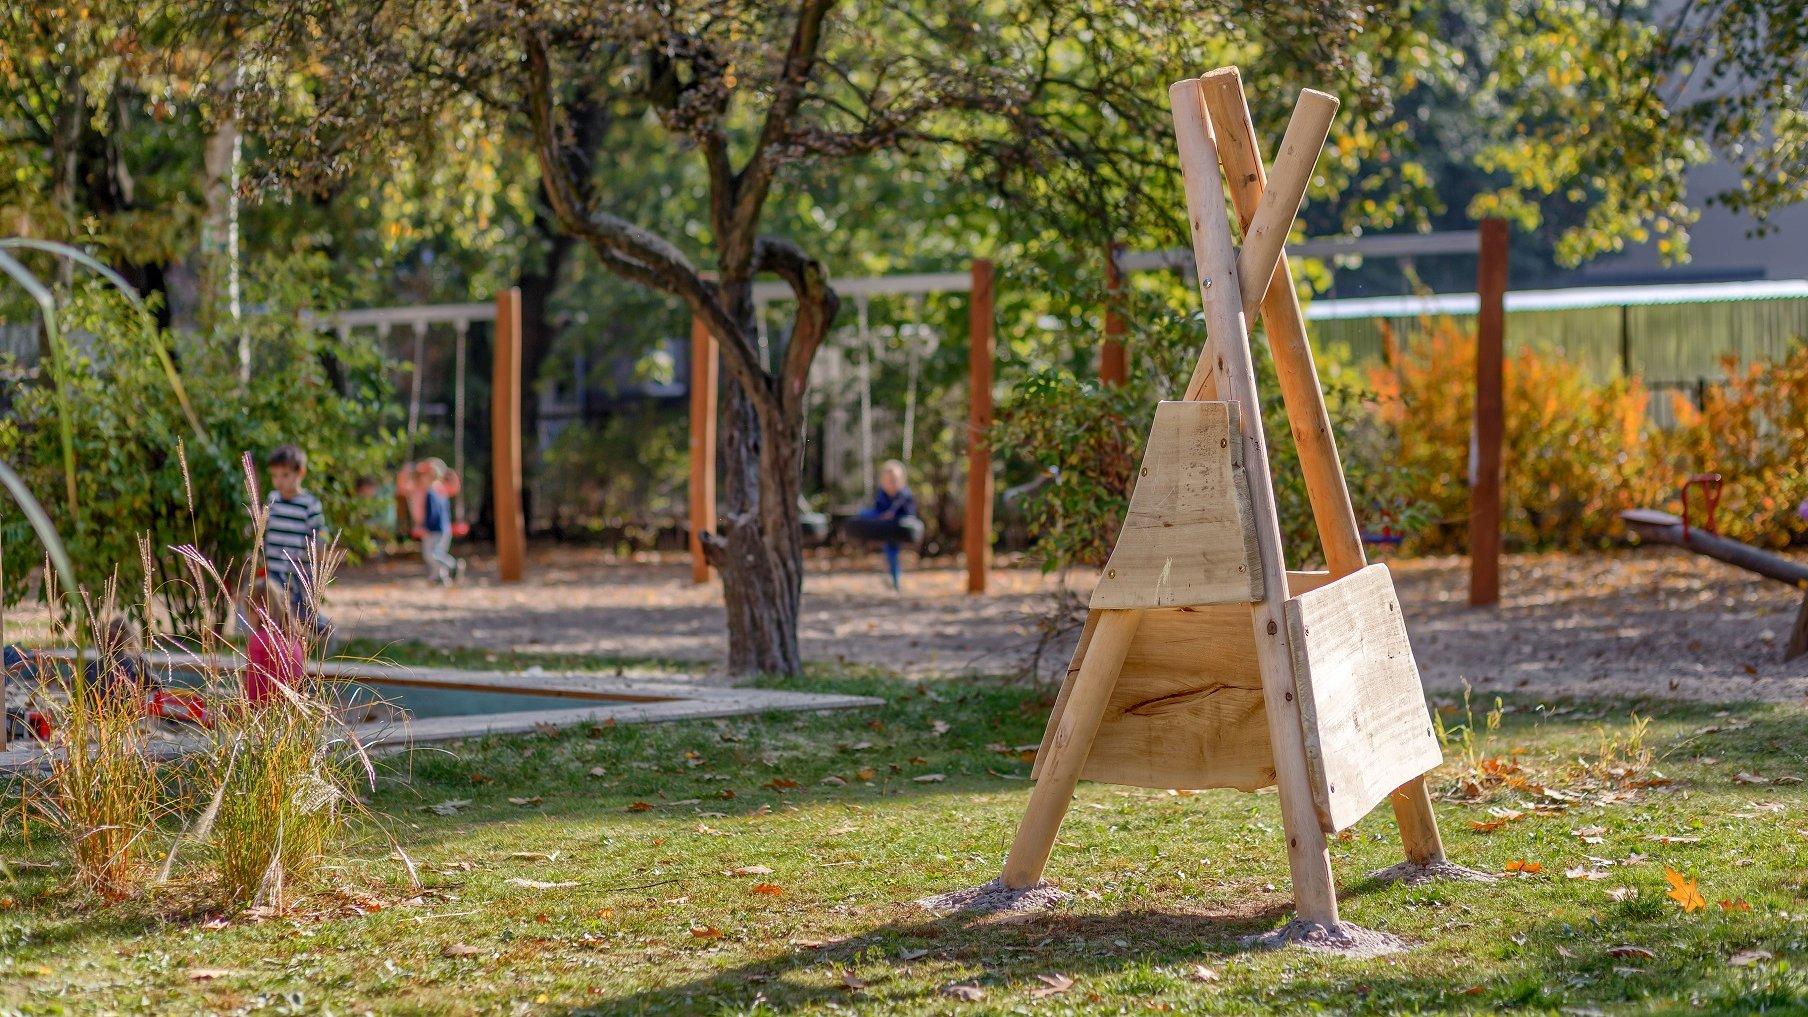 Przedszkolny plac zabaw. Na zdjęciu widać stację meteorologiczną - drewnianą konstrukcja przypominająca indiańskie tipi. W tle znajdują się dzieci. - grafika artykułu